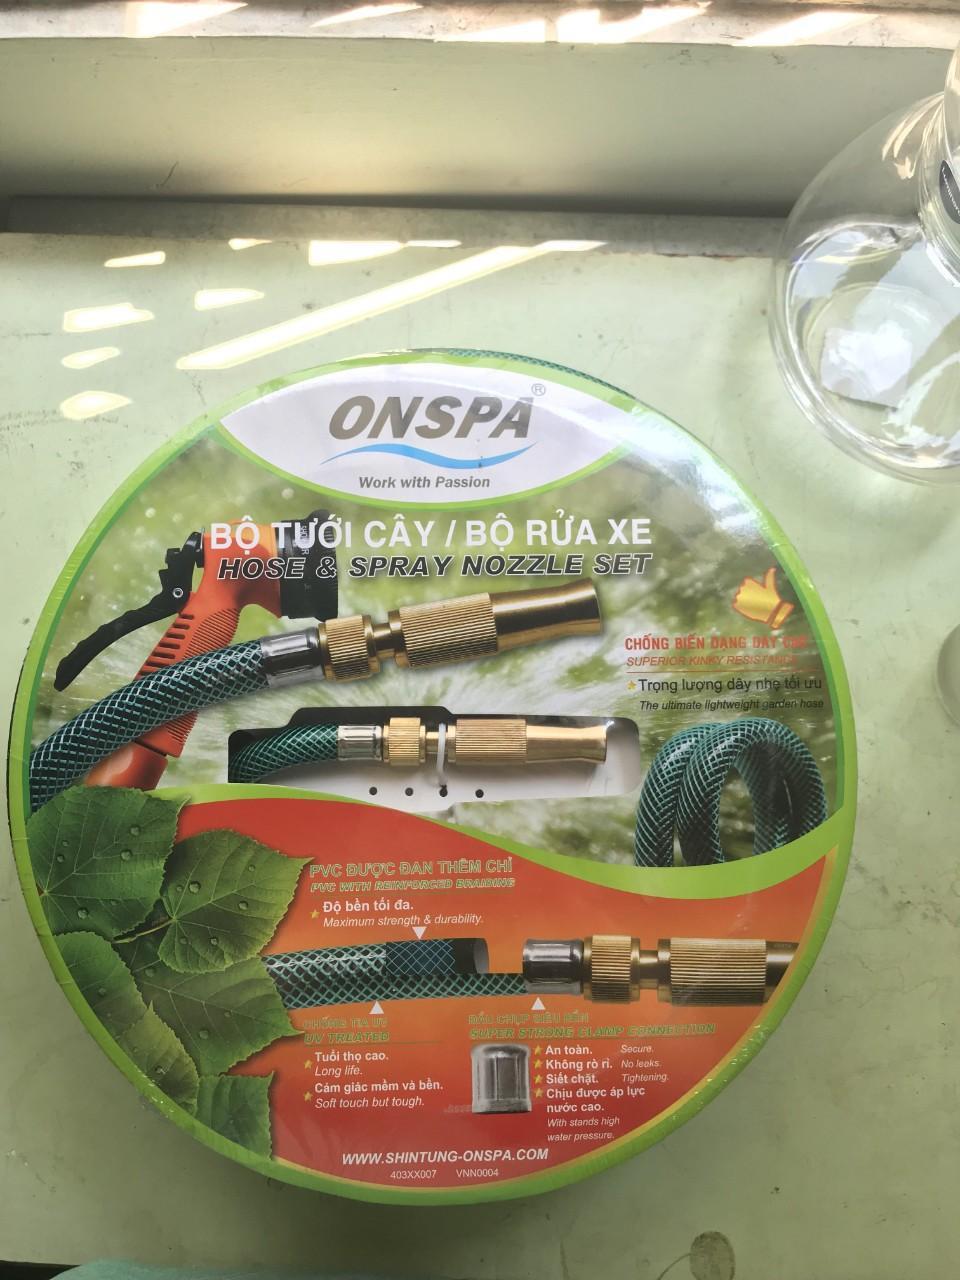 Bộ Xịt Rửa Tưới Cây Cao Cấp Onspa 1021 dài 15m Kho sỉ Thái Thịnh